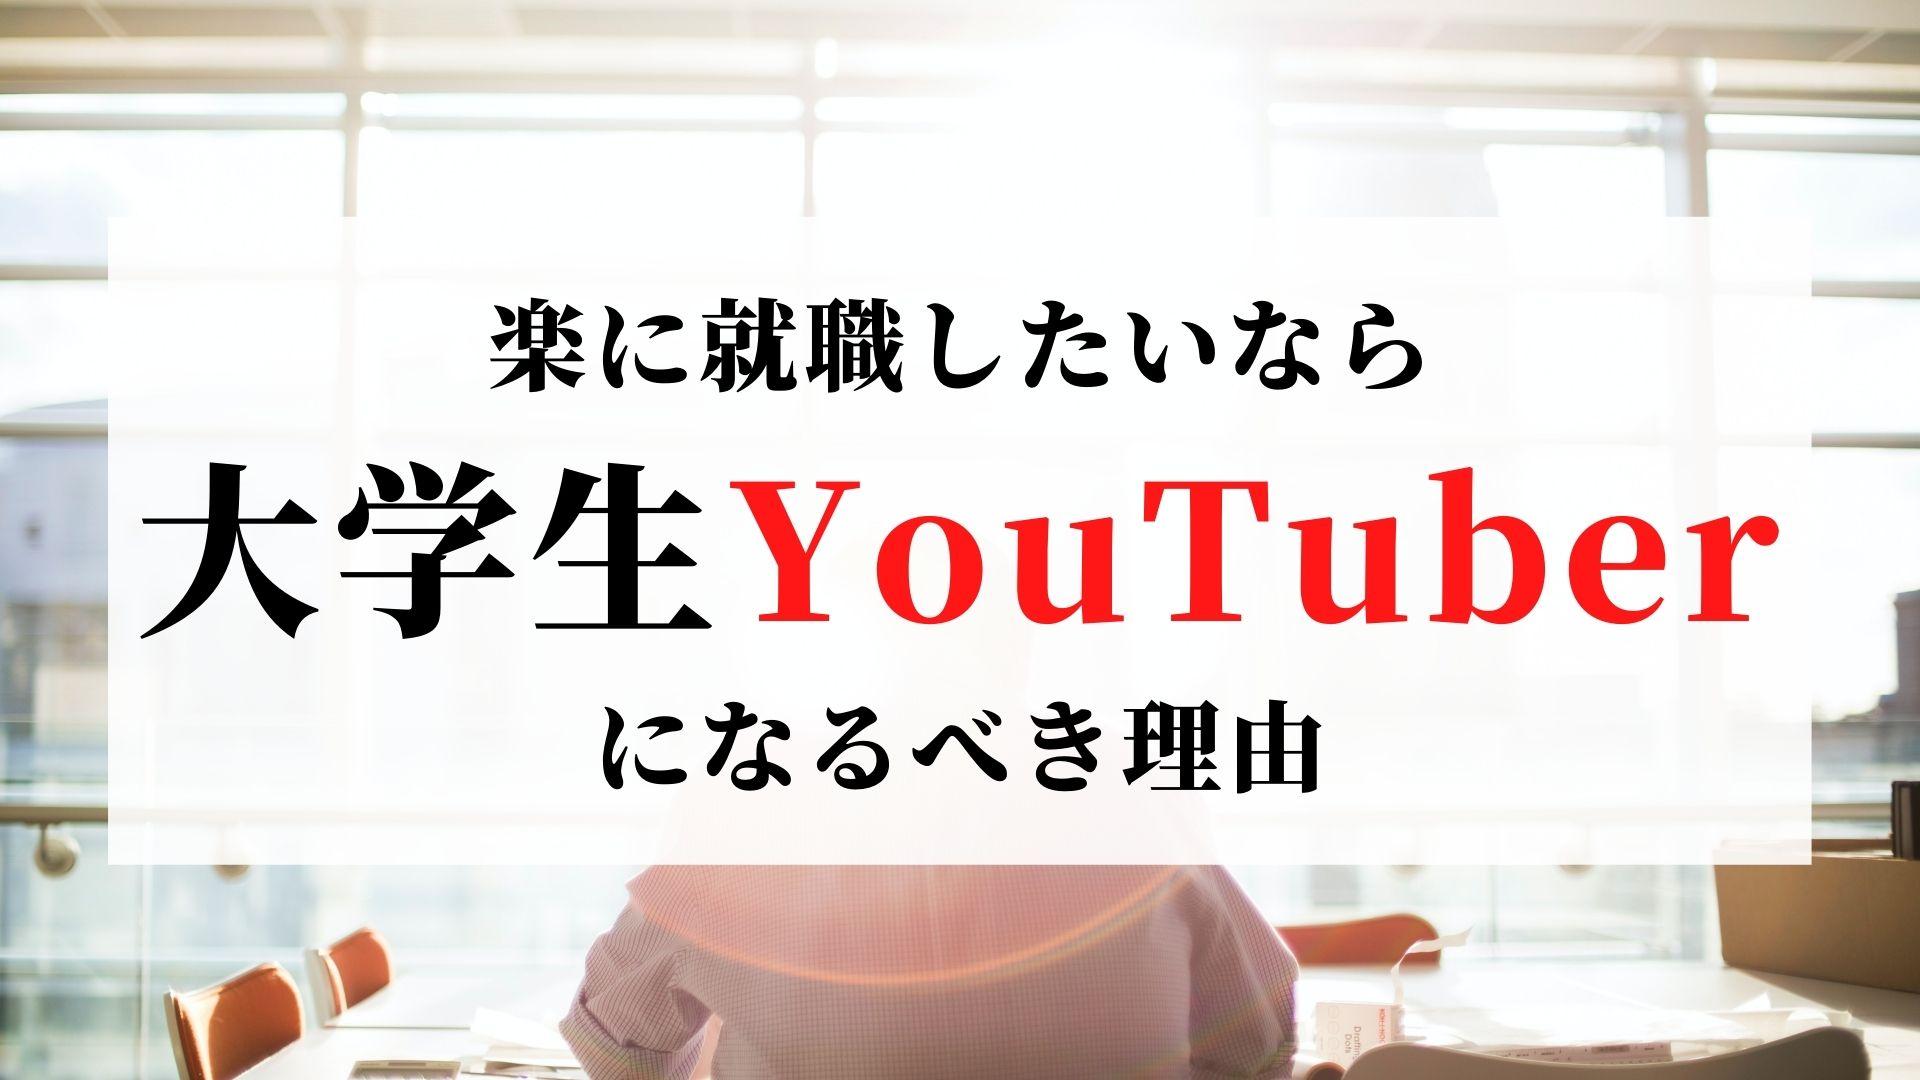 楽に就職したいなら大学生YouTuberになるべき理由【これからの時代に必須のスキル】